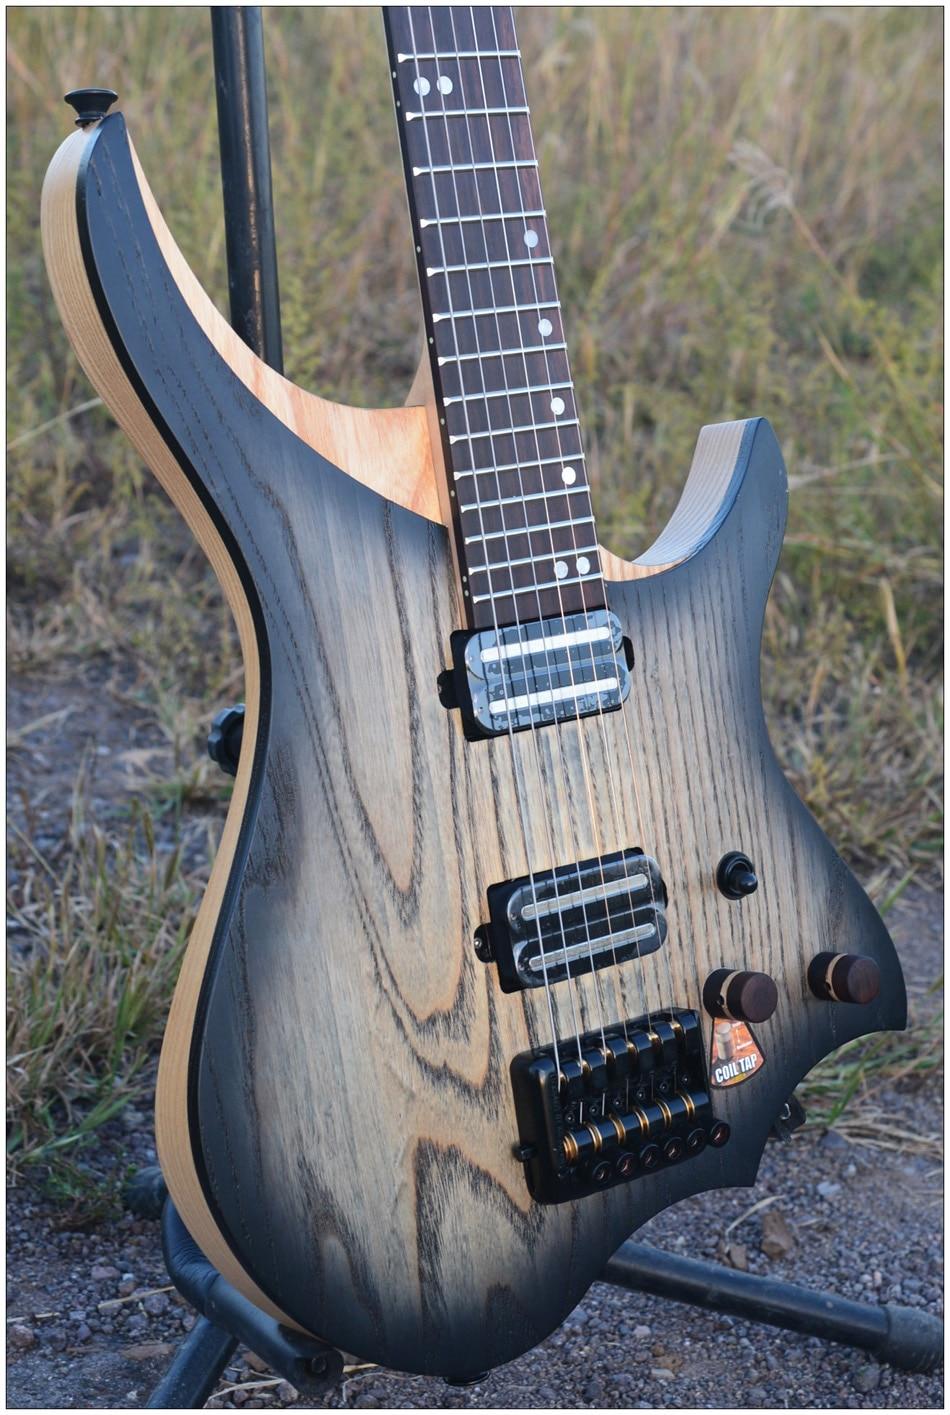 NK Sans Tête Guitare Électrique steinberger style Modèle Black burst couleur Flamme manche érable en stock Guitare livraison gratuite